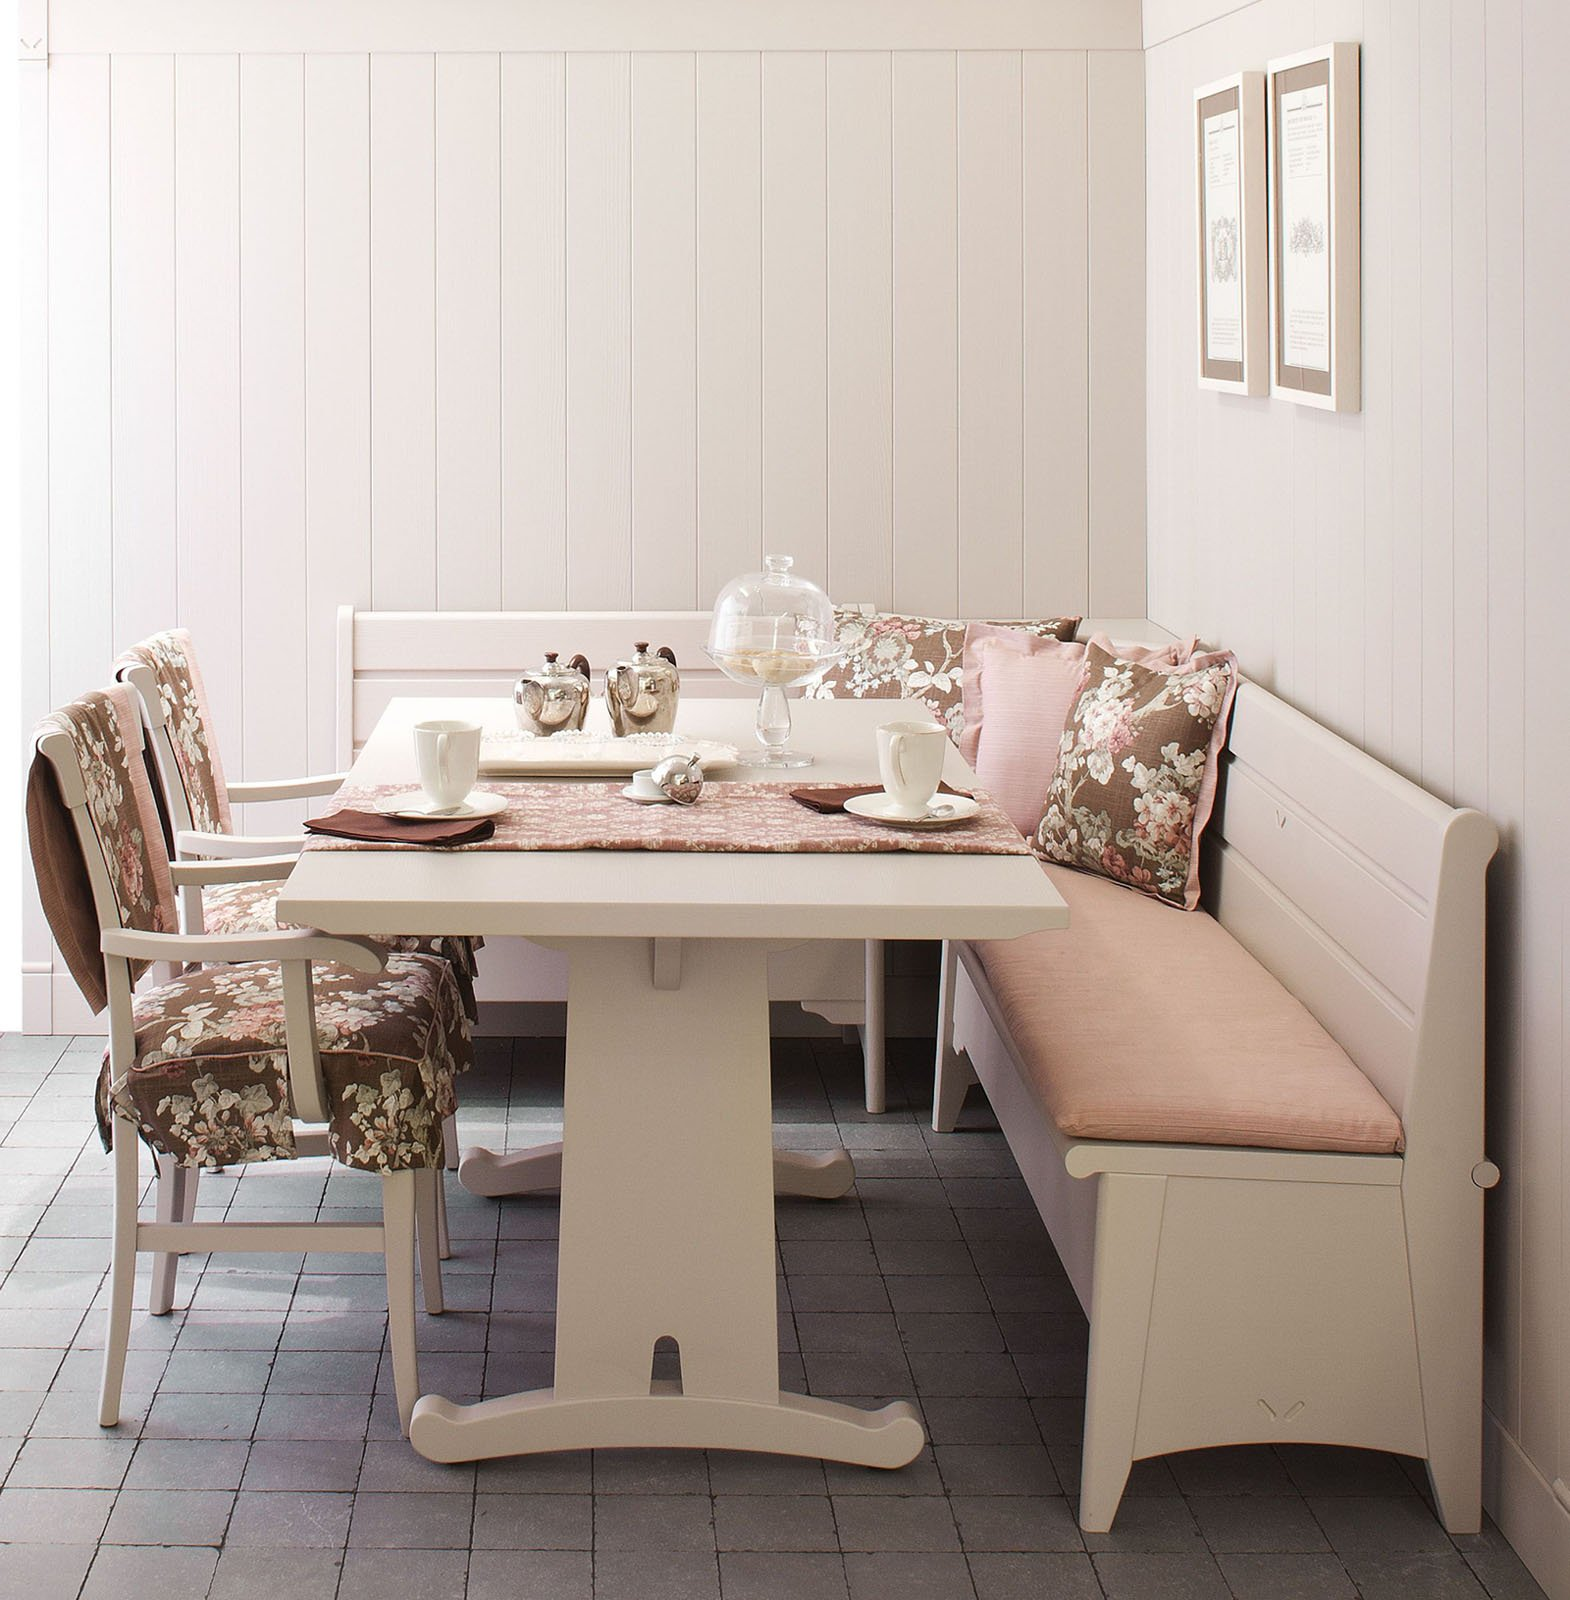 Tavoli e sedie per cucina o soggiorno cose di casa for Panca per cucina